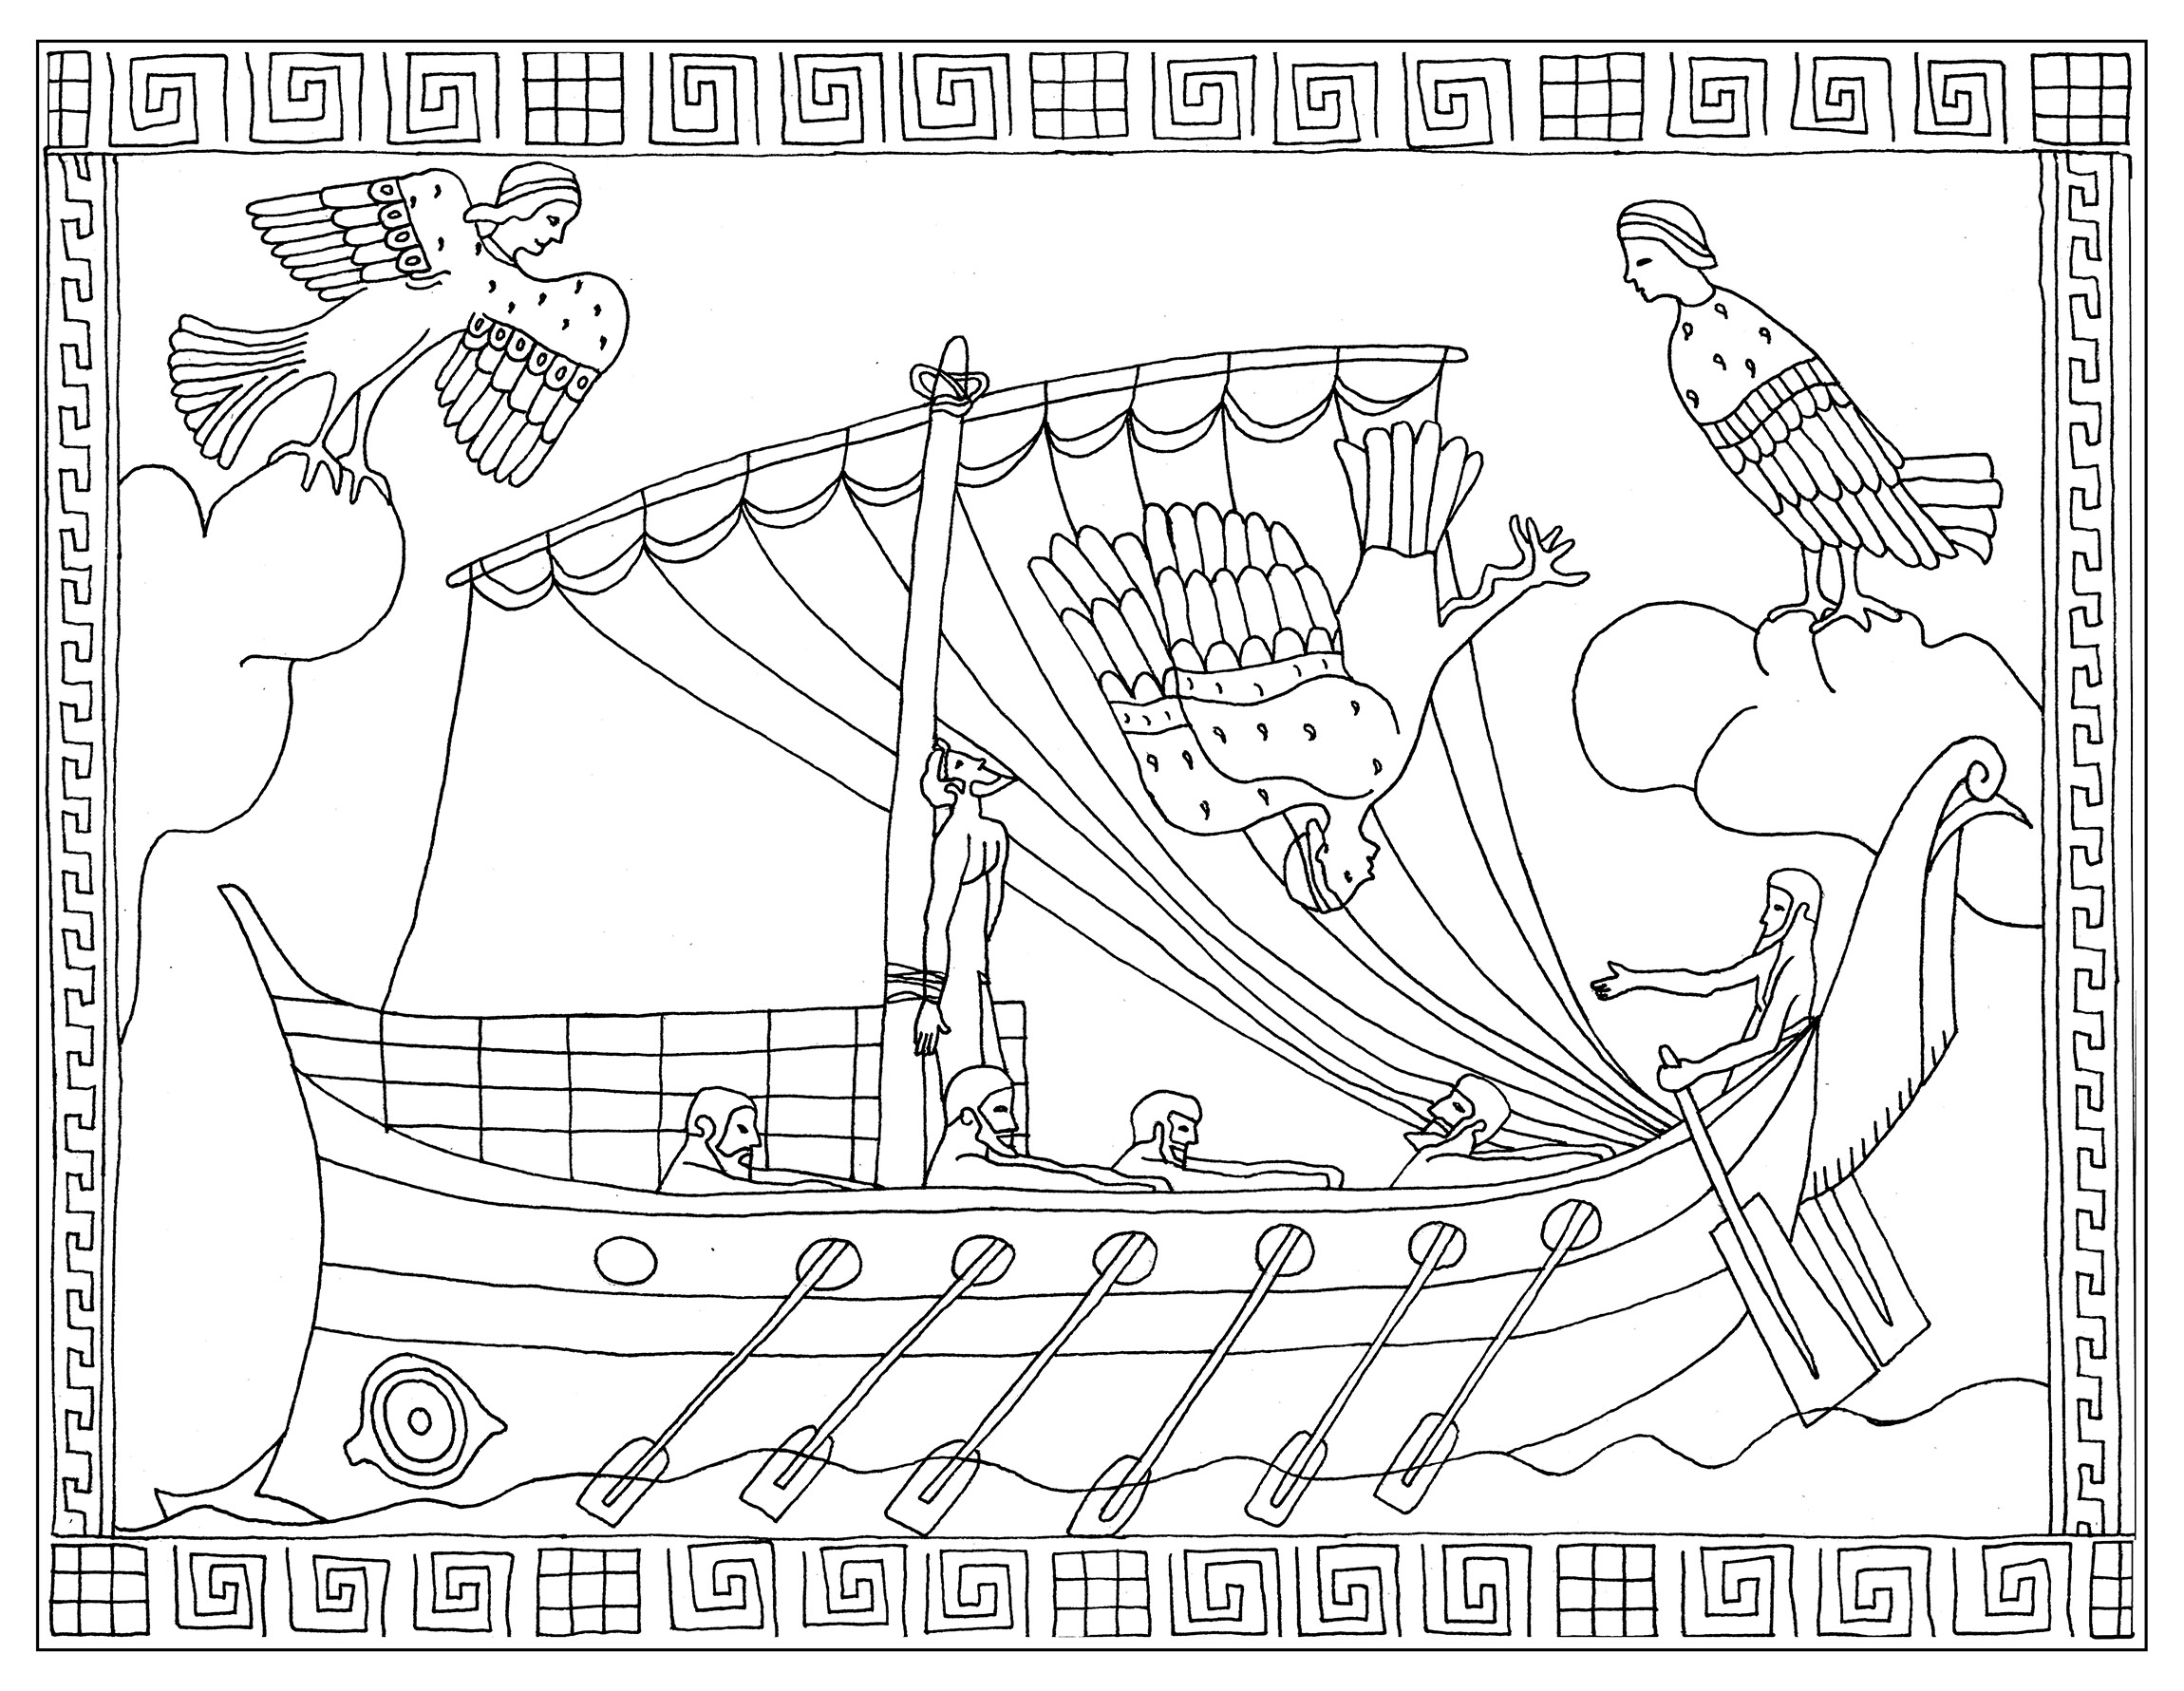 Coloriage inspiré d'un vase représentant l'épisode d'Ulysse et les sirènes Stamnos (L'Odyssée de Homère)